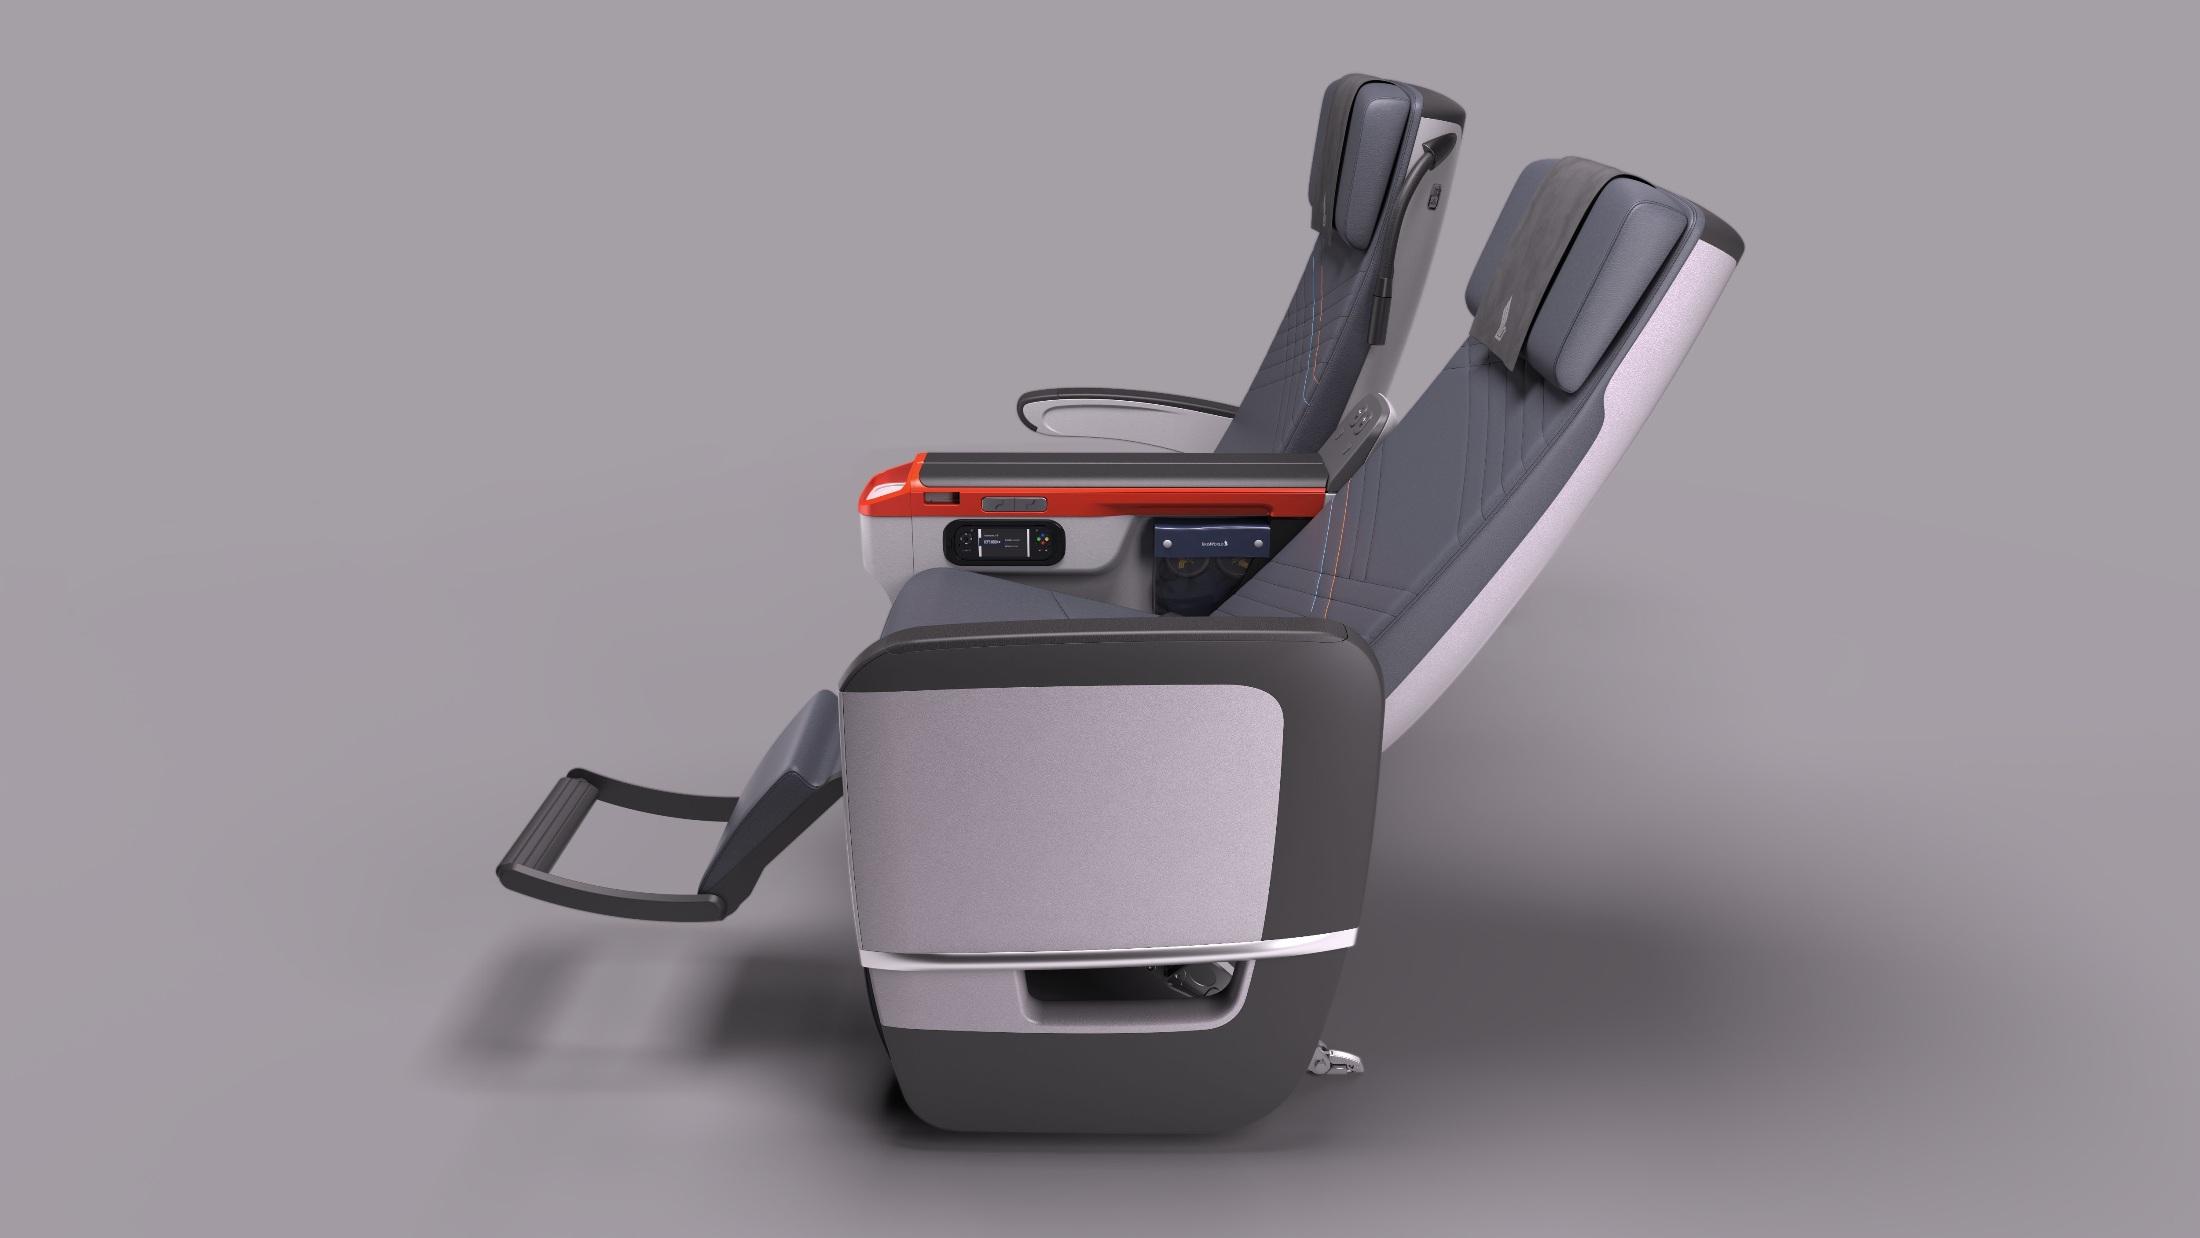 Singapore Airlines_Premium Economy Class_seat_001